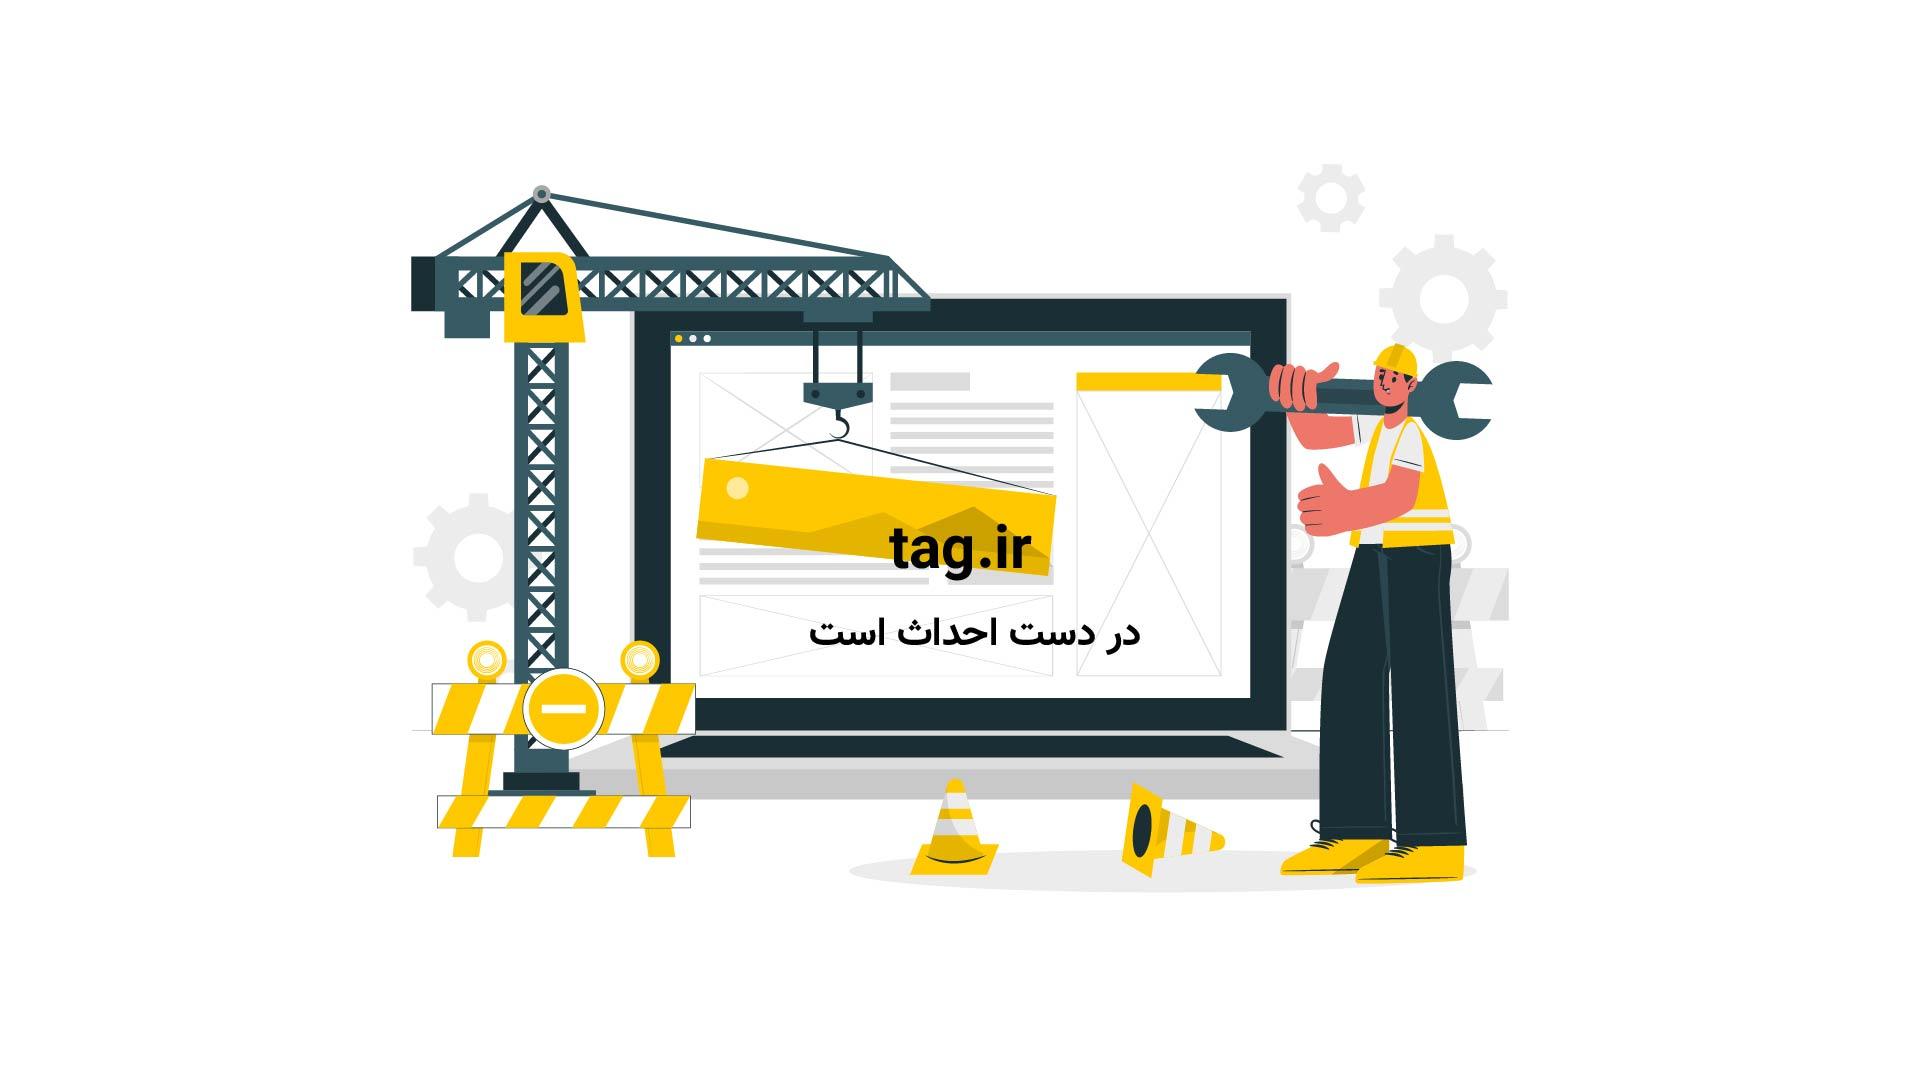 سقوط هواپیمای مسافربری بوئینگ ۷۳۷ با ۱۰۵ سرنشین در هاوانا | فیلم